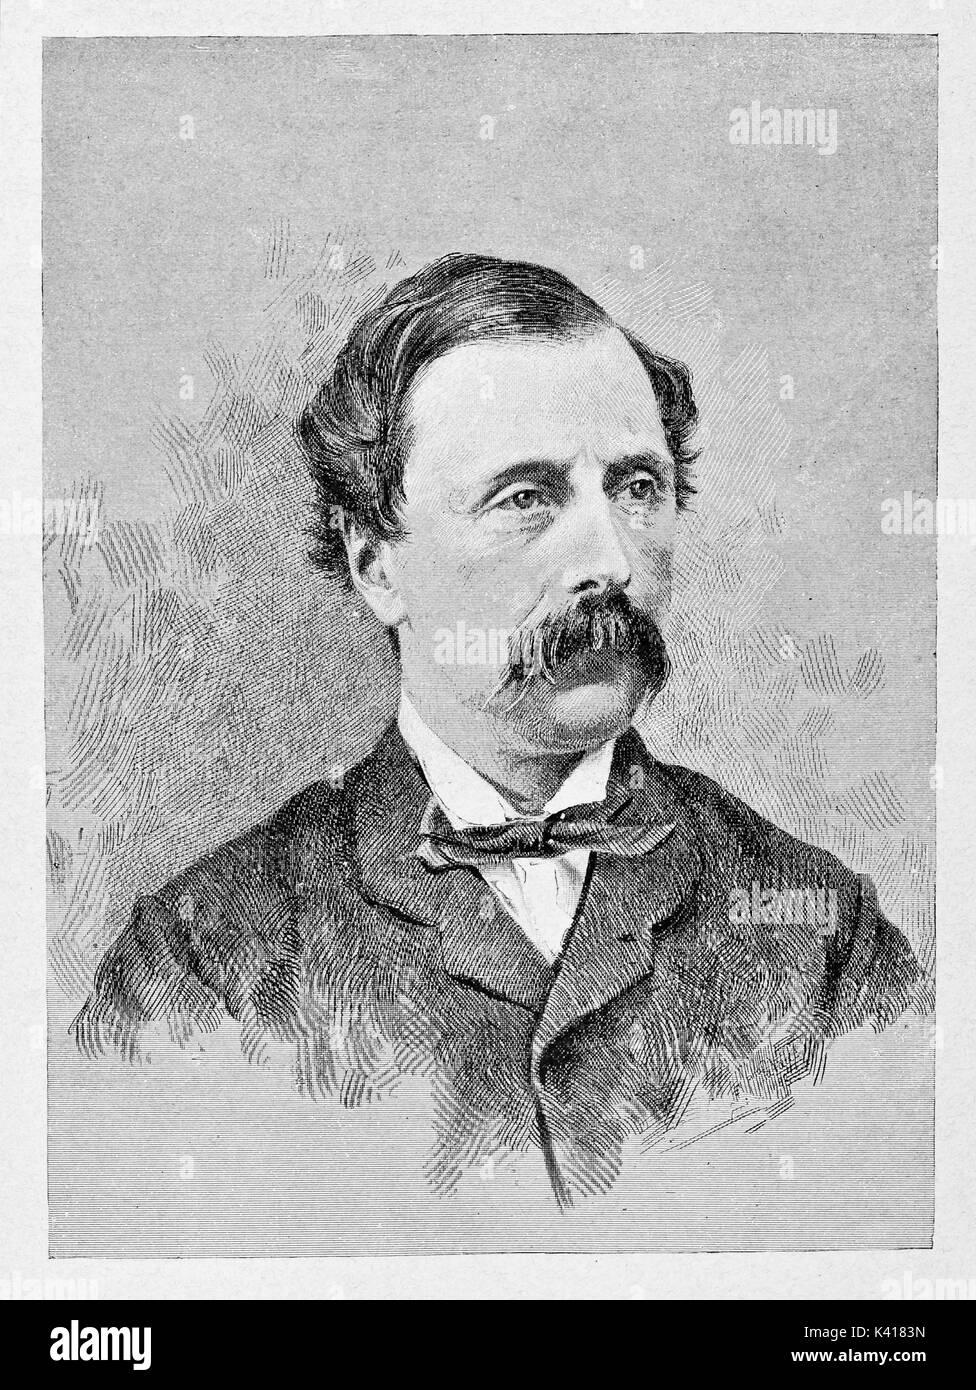 Antica close up ritratto di un uomo elegante con i baffi. Agostino Bertani  (1812 0de77f36a2f7